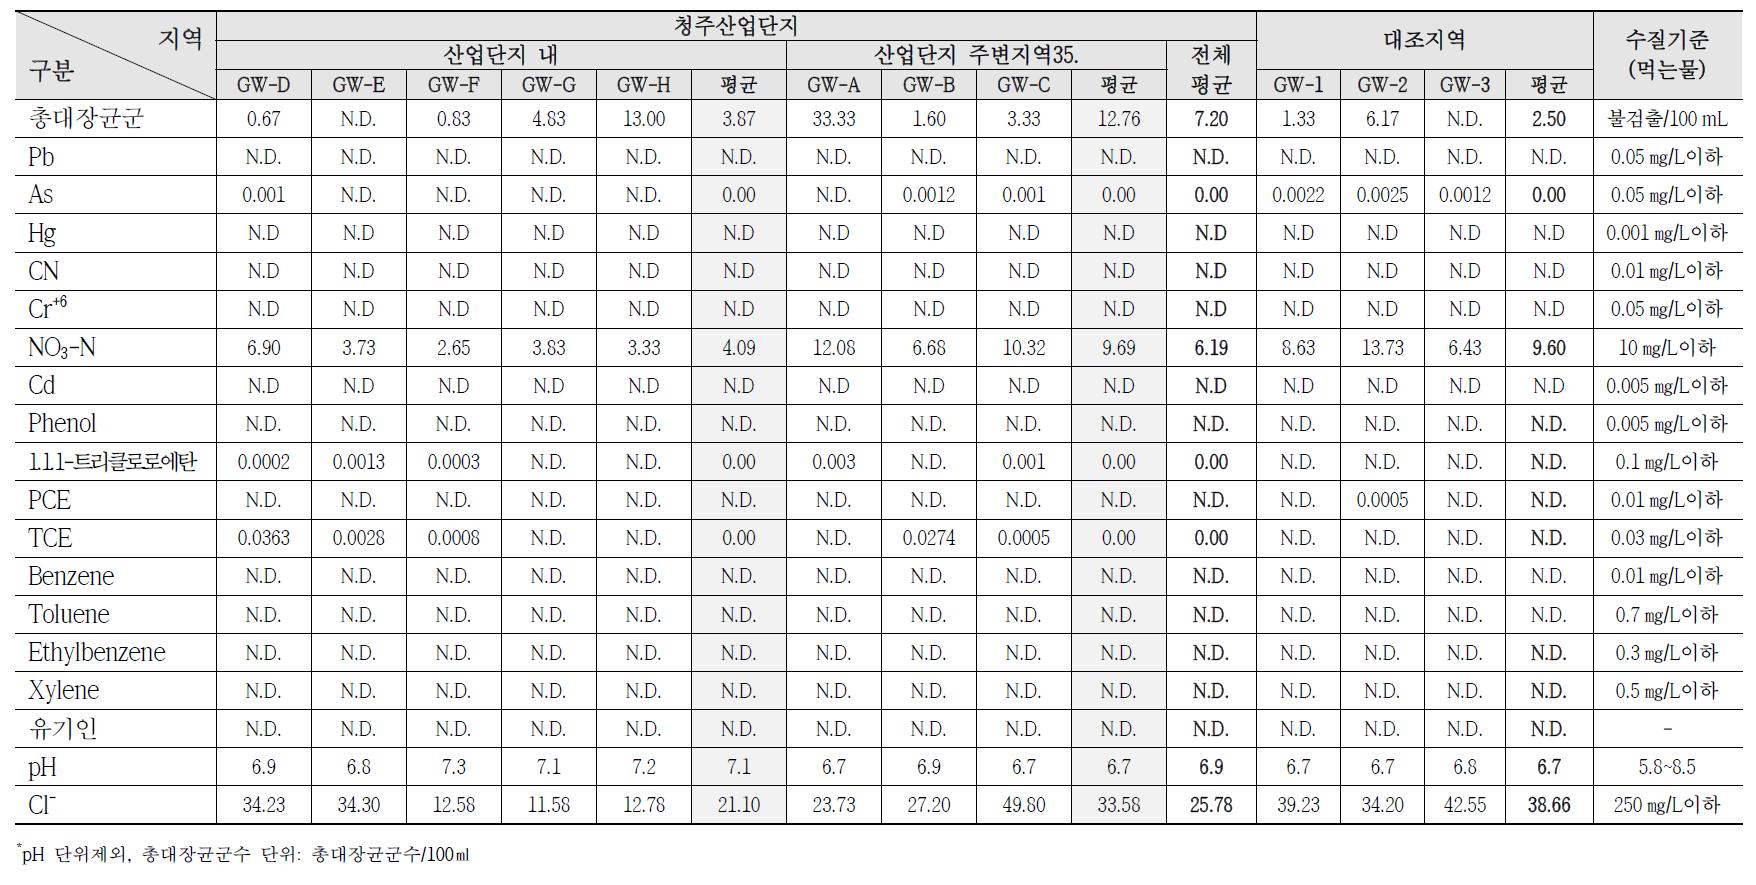 청주산업단지 지하수 수질 조사결과(2009~2011)